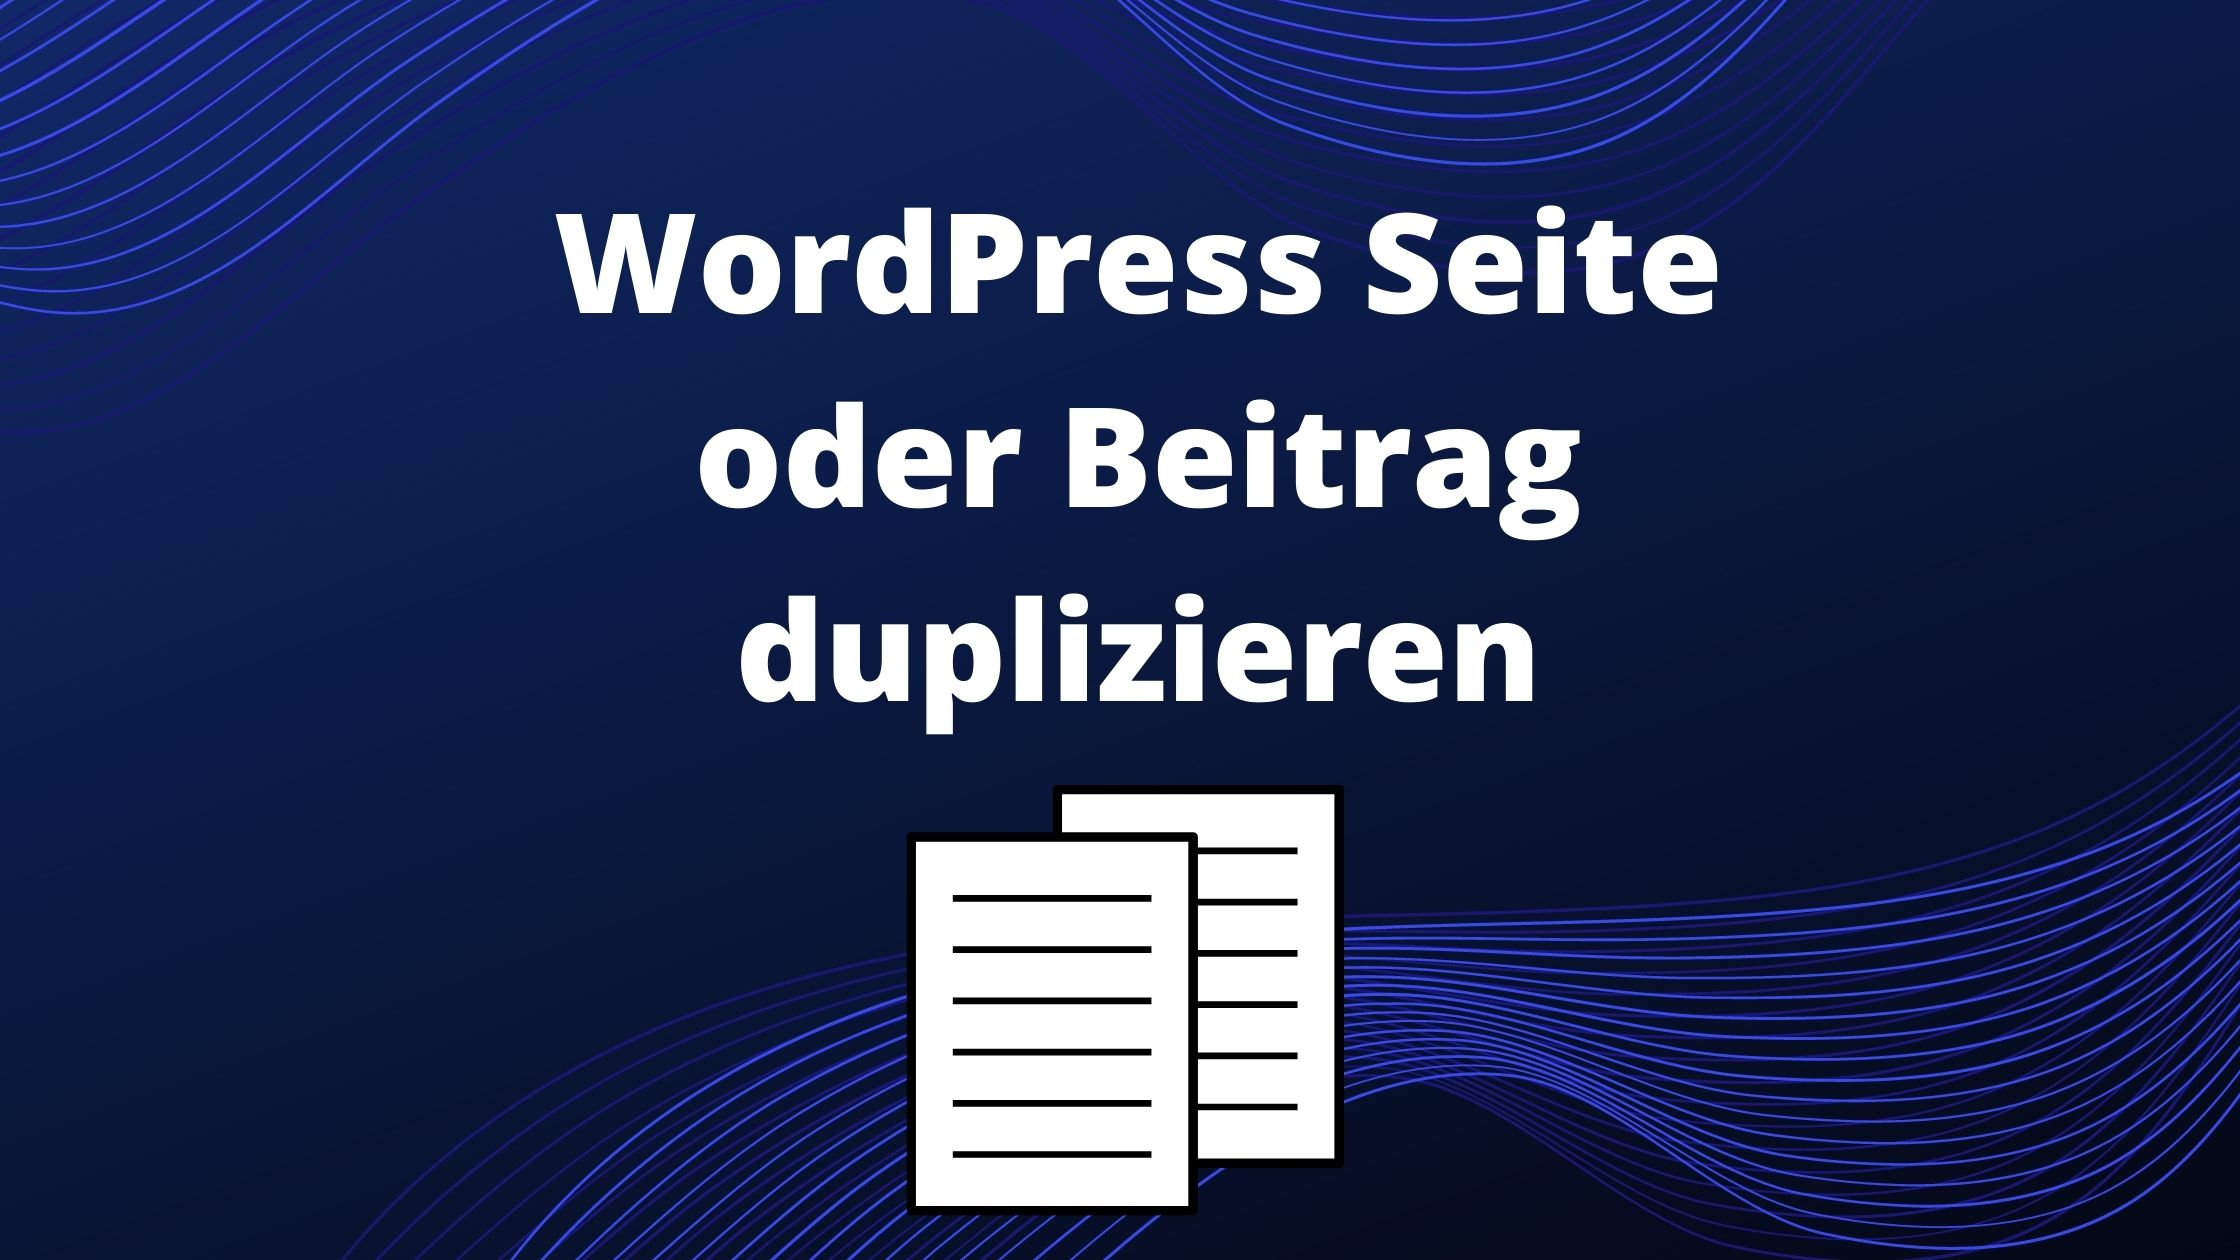 wordpress-seite-beitrag-duplizieren